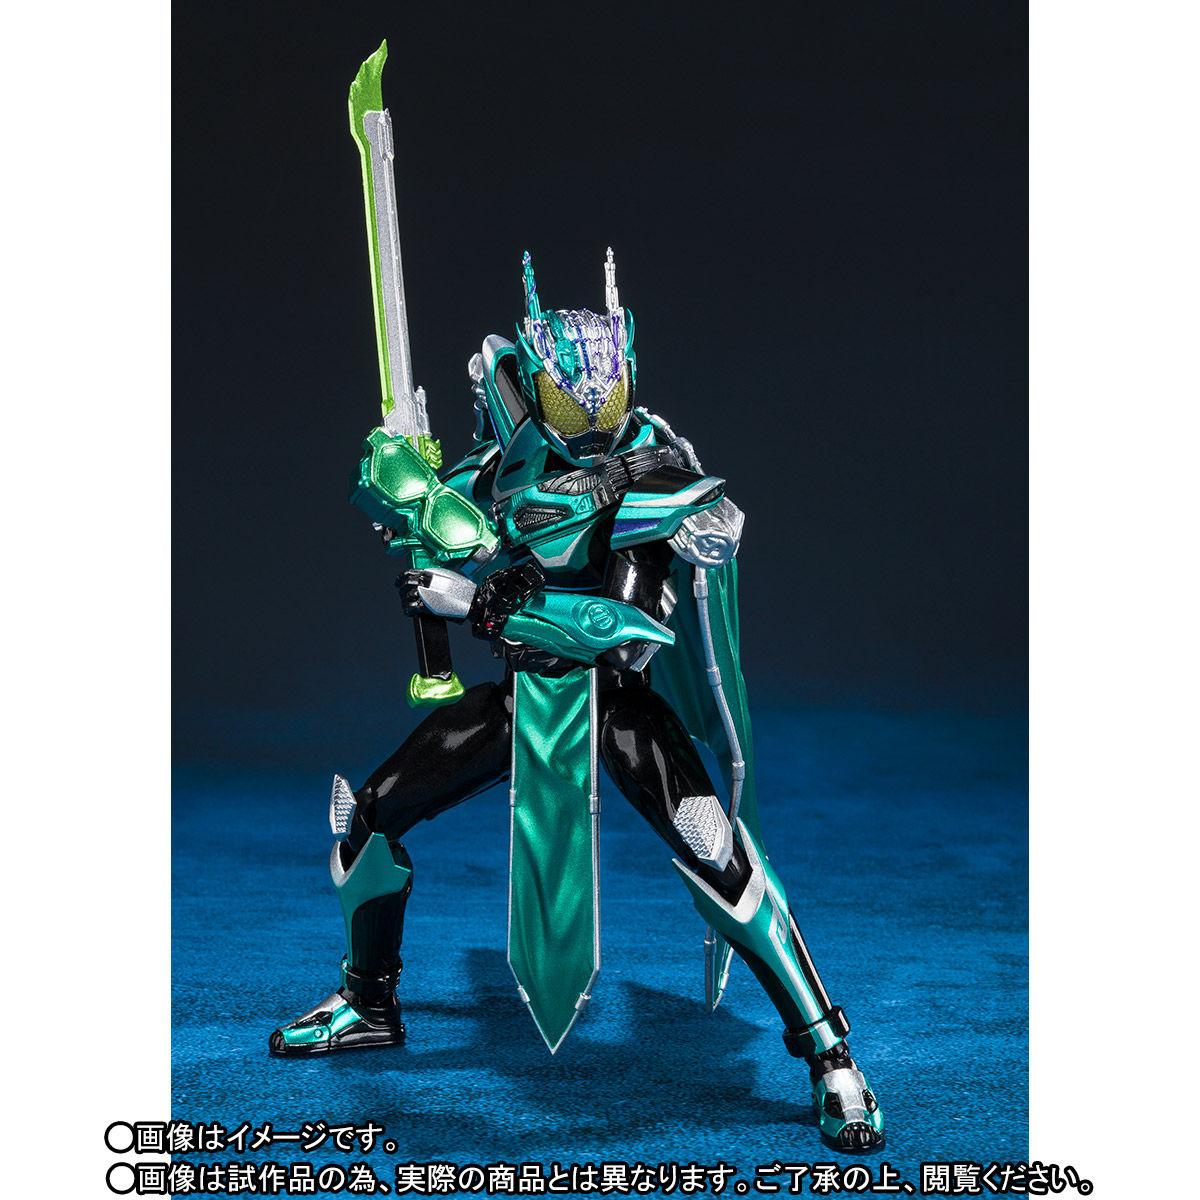 S.H.フィギュアーツ『仮面ライダーブレン』可動フィギュア-005